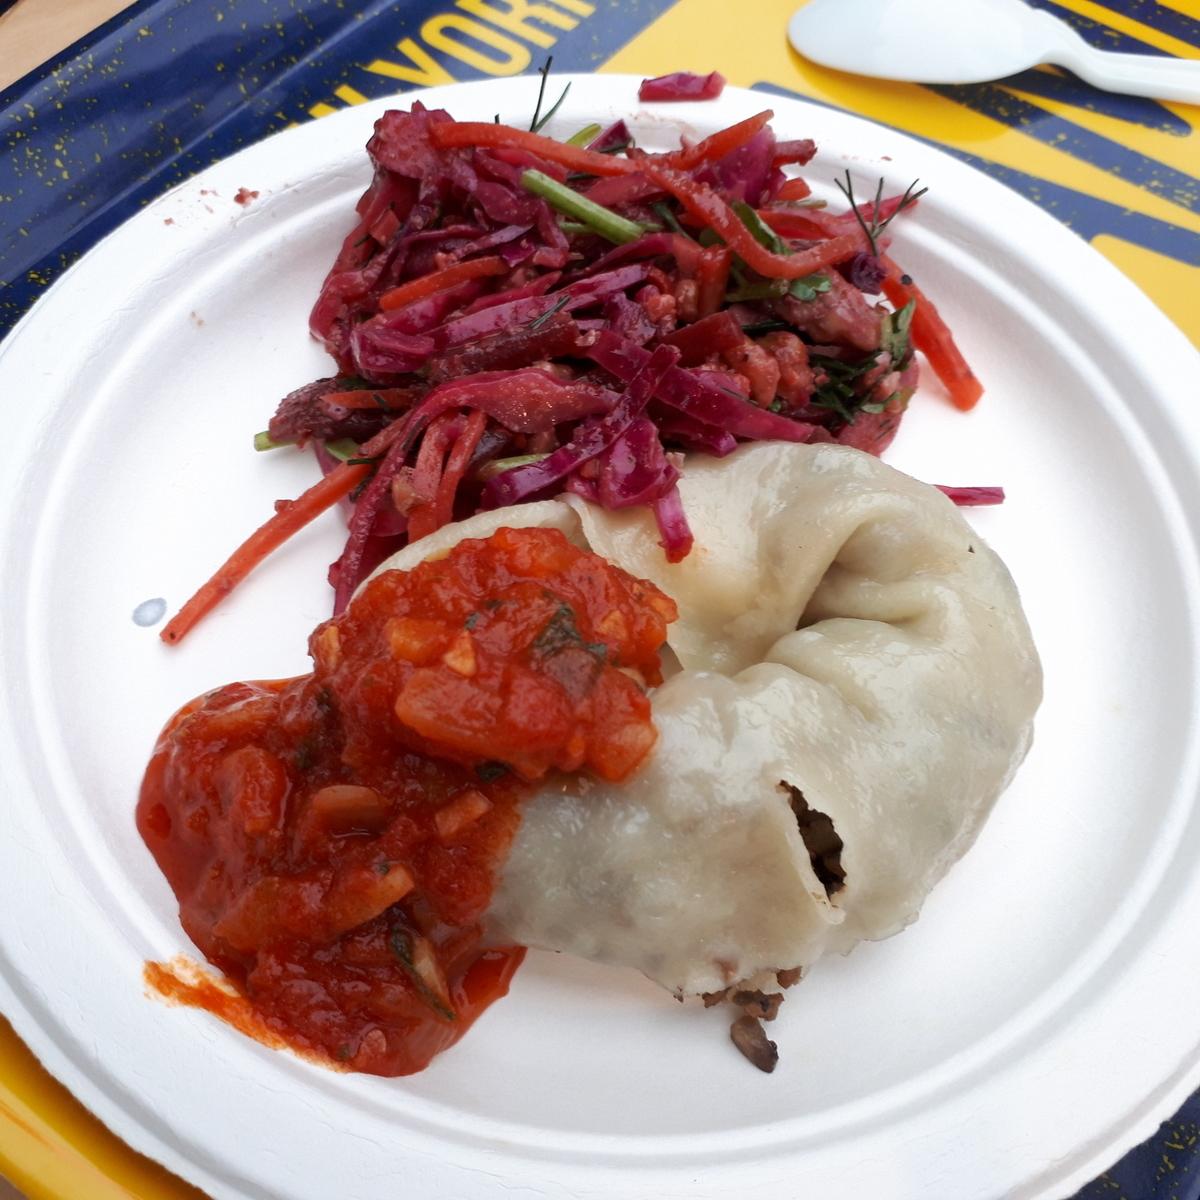 カレー事情聴取スパイス定食&バルVol.6 2019年7月21日 むむ屋 ブリヤートのうずまき餃子 ロシアのビーツとパクチーのサラダ